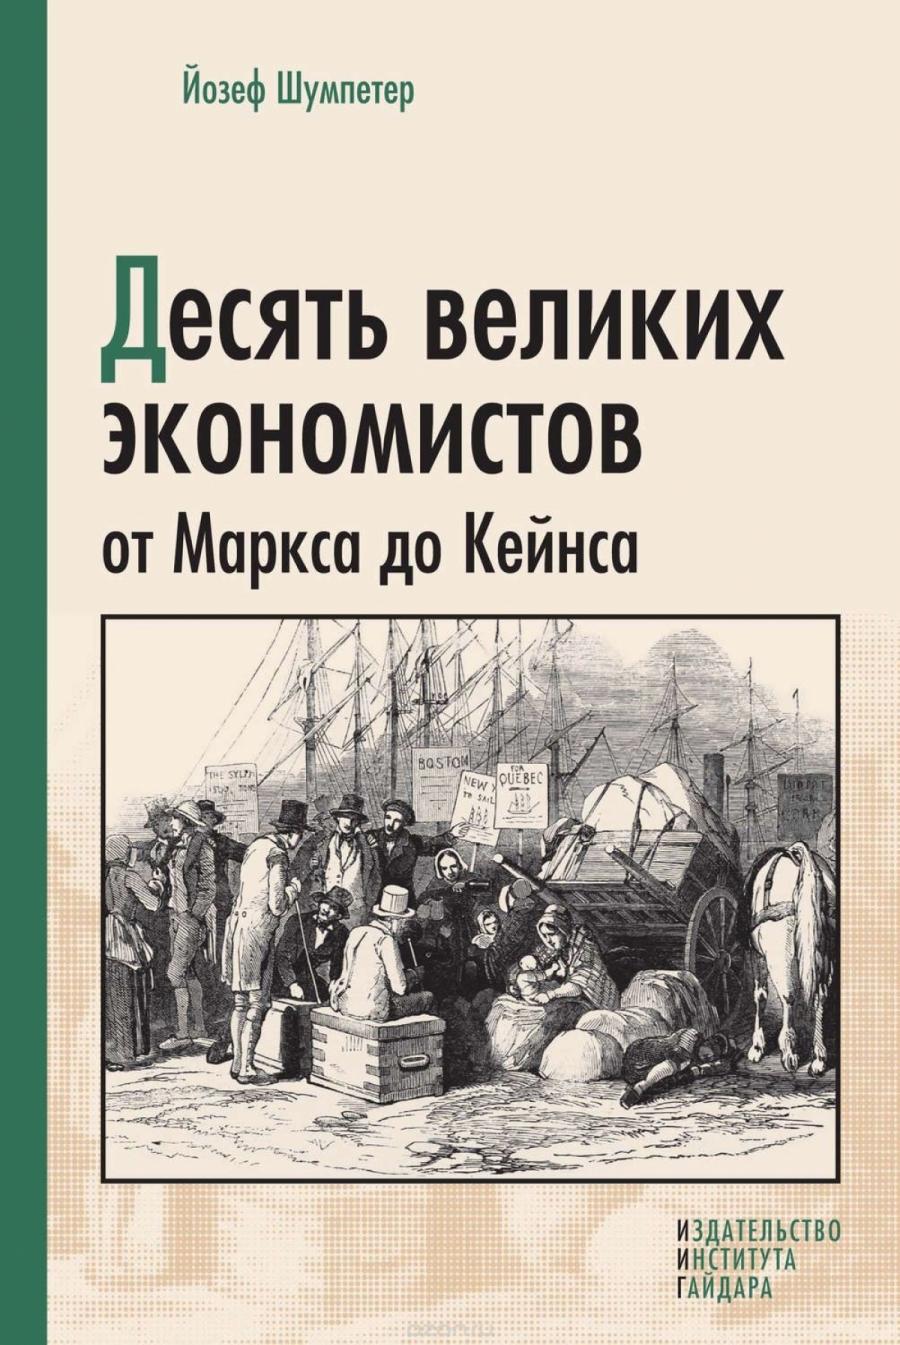 Обложка книги:  шумпетер й. - десять великих экономистов от маркса до кейнса